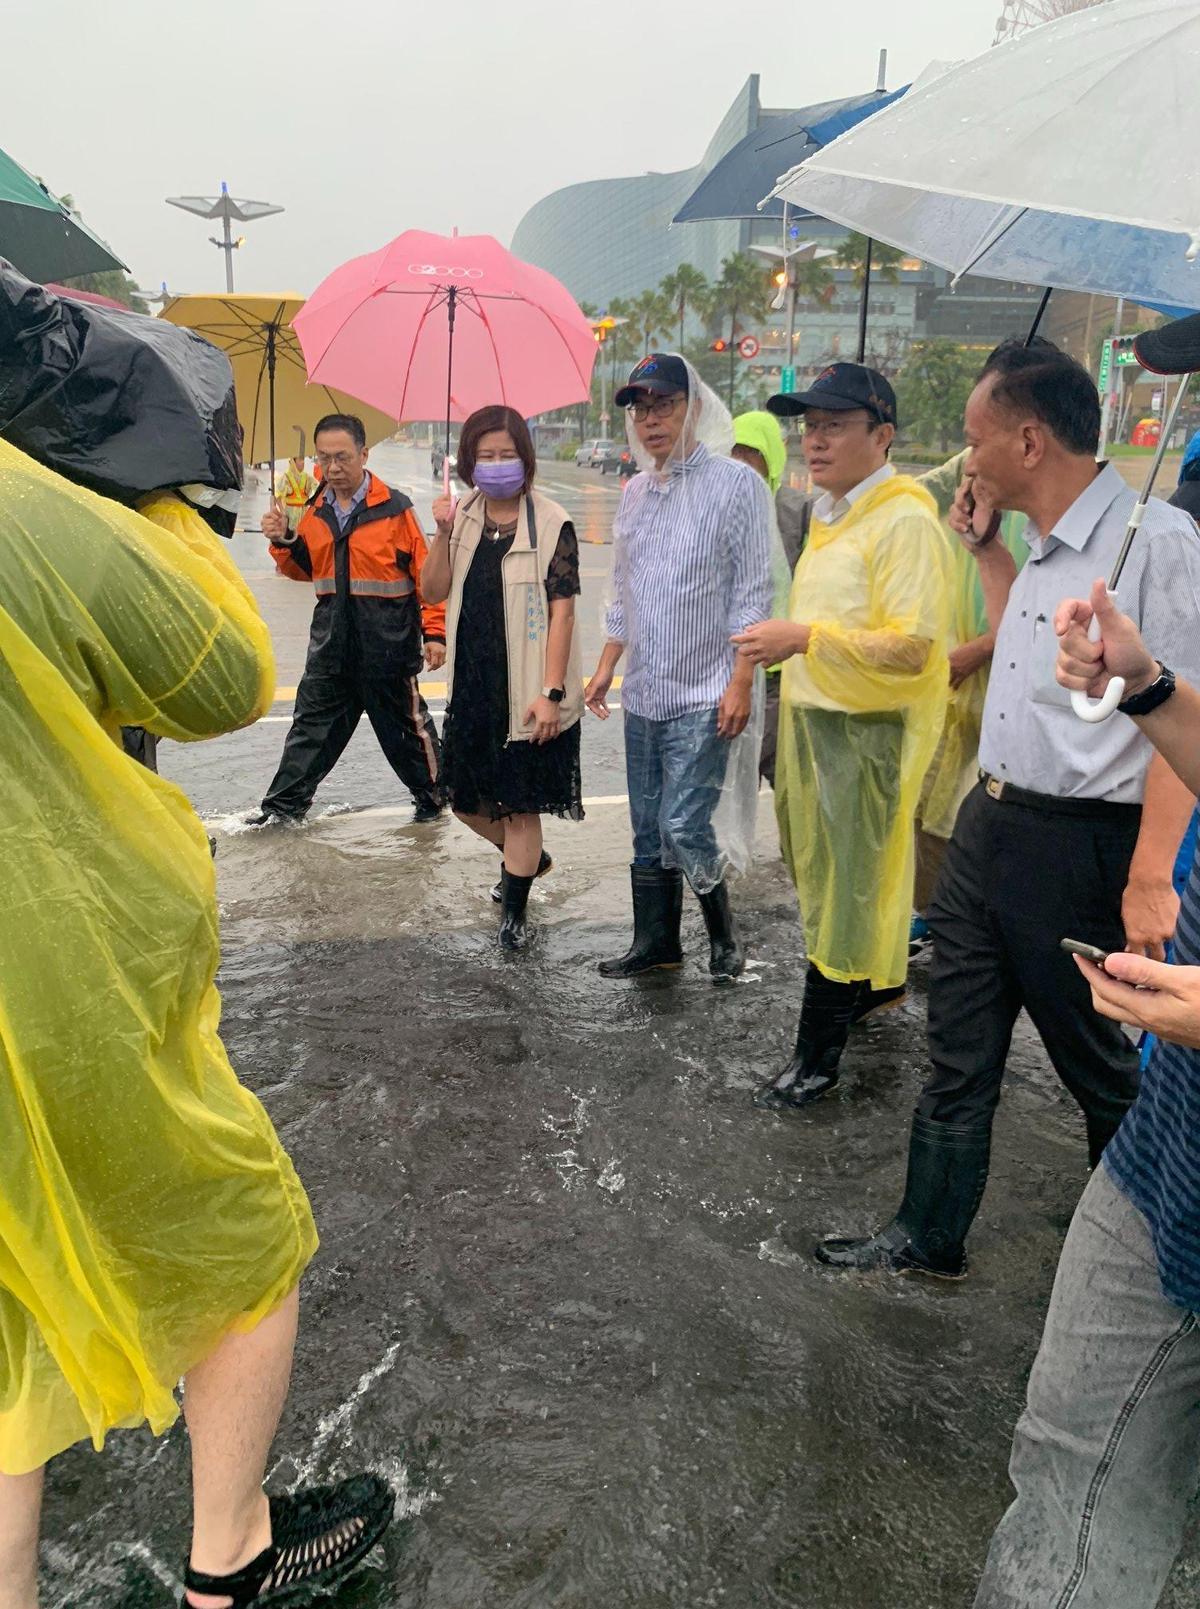 陳其邁今日一整天都在各地視察大雨所造成的淹水情況。(翻攝自臉書陳其邁)